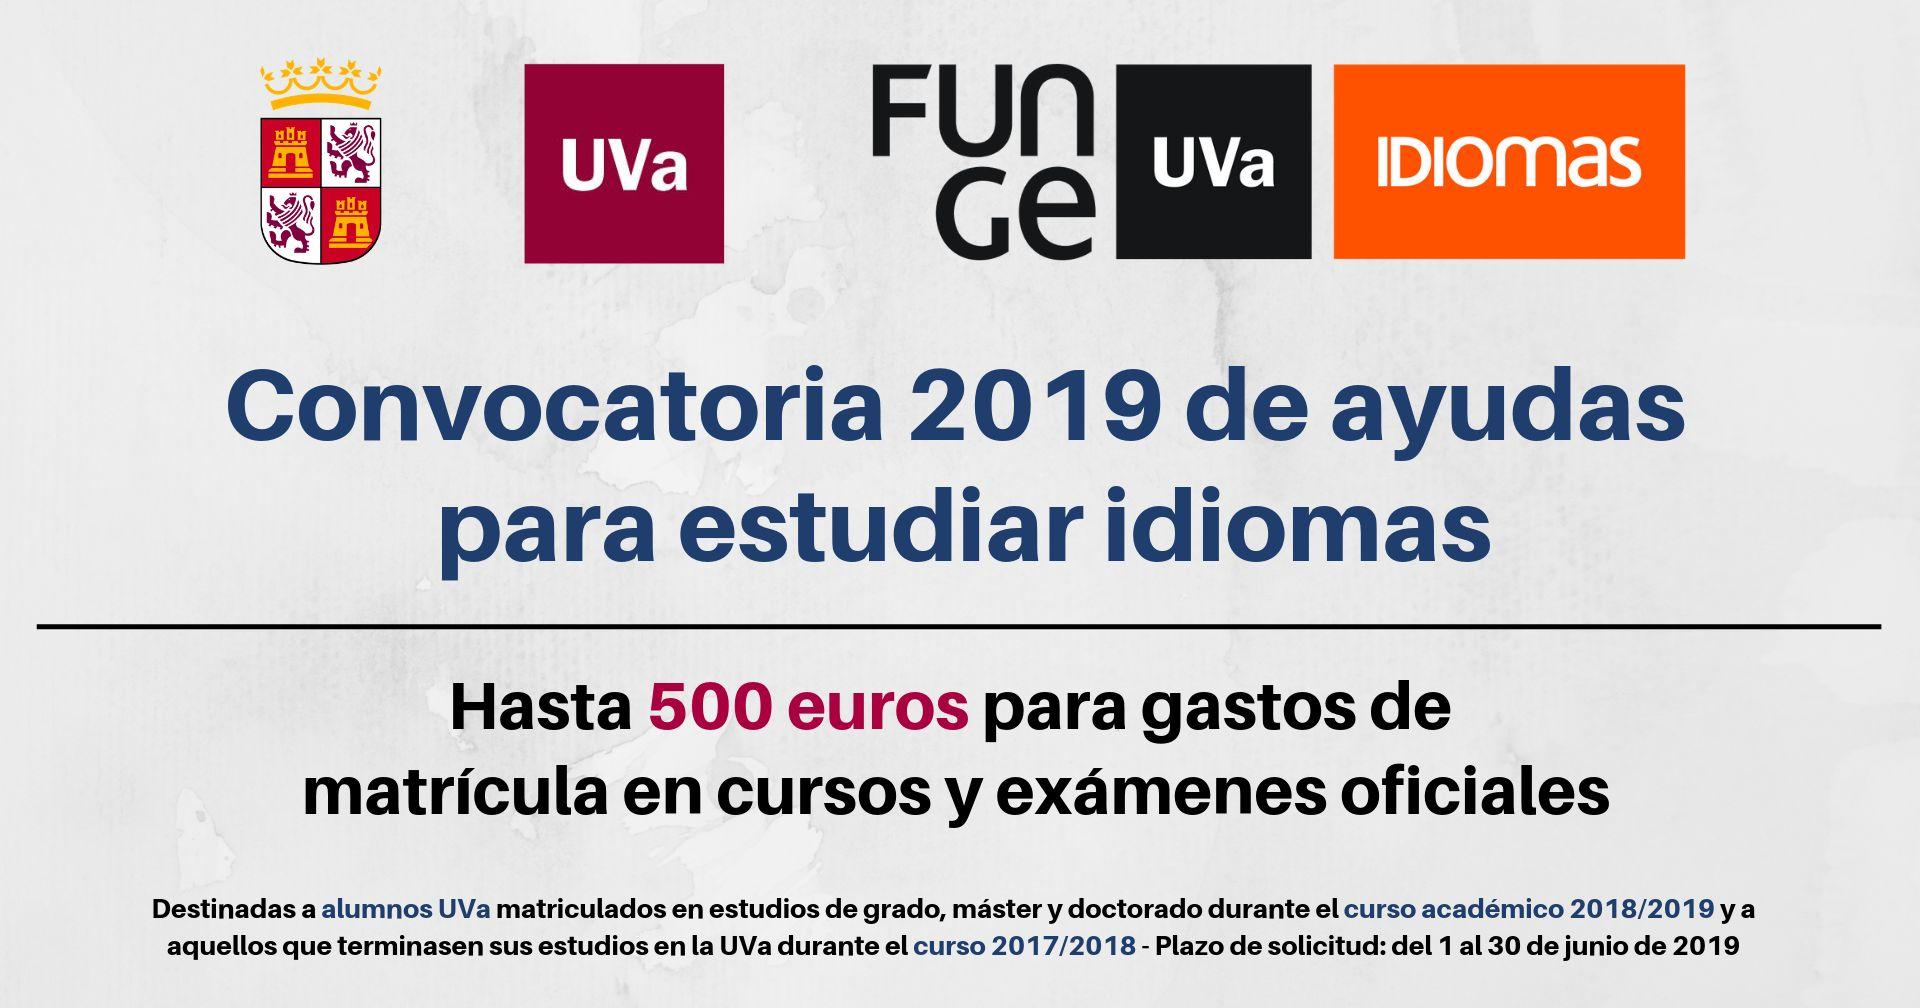 Convocatoria 2019 ayudas para estudiar idiomas